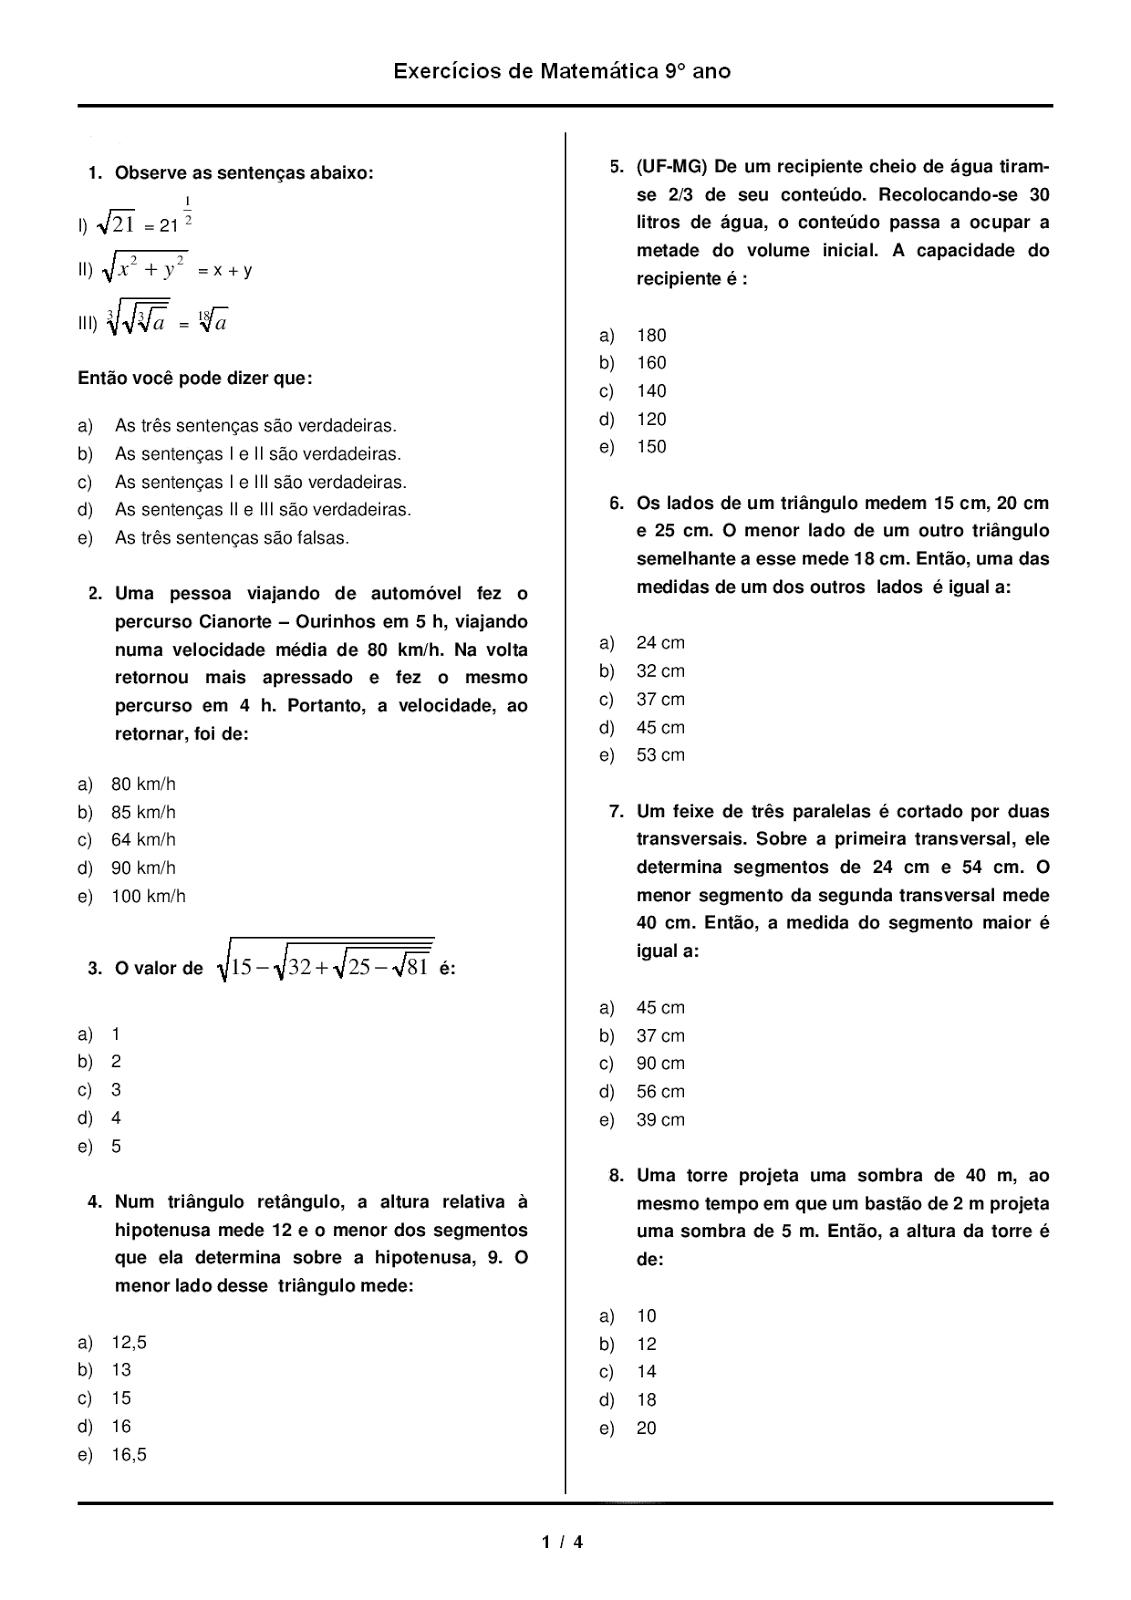 Amado Escola Tiragem Portal: MATEMÁTICA 9° ANO COM GABARITO ATIVIDADES  AQ99